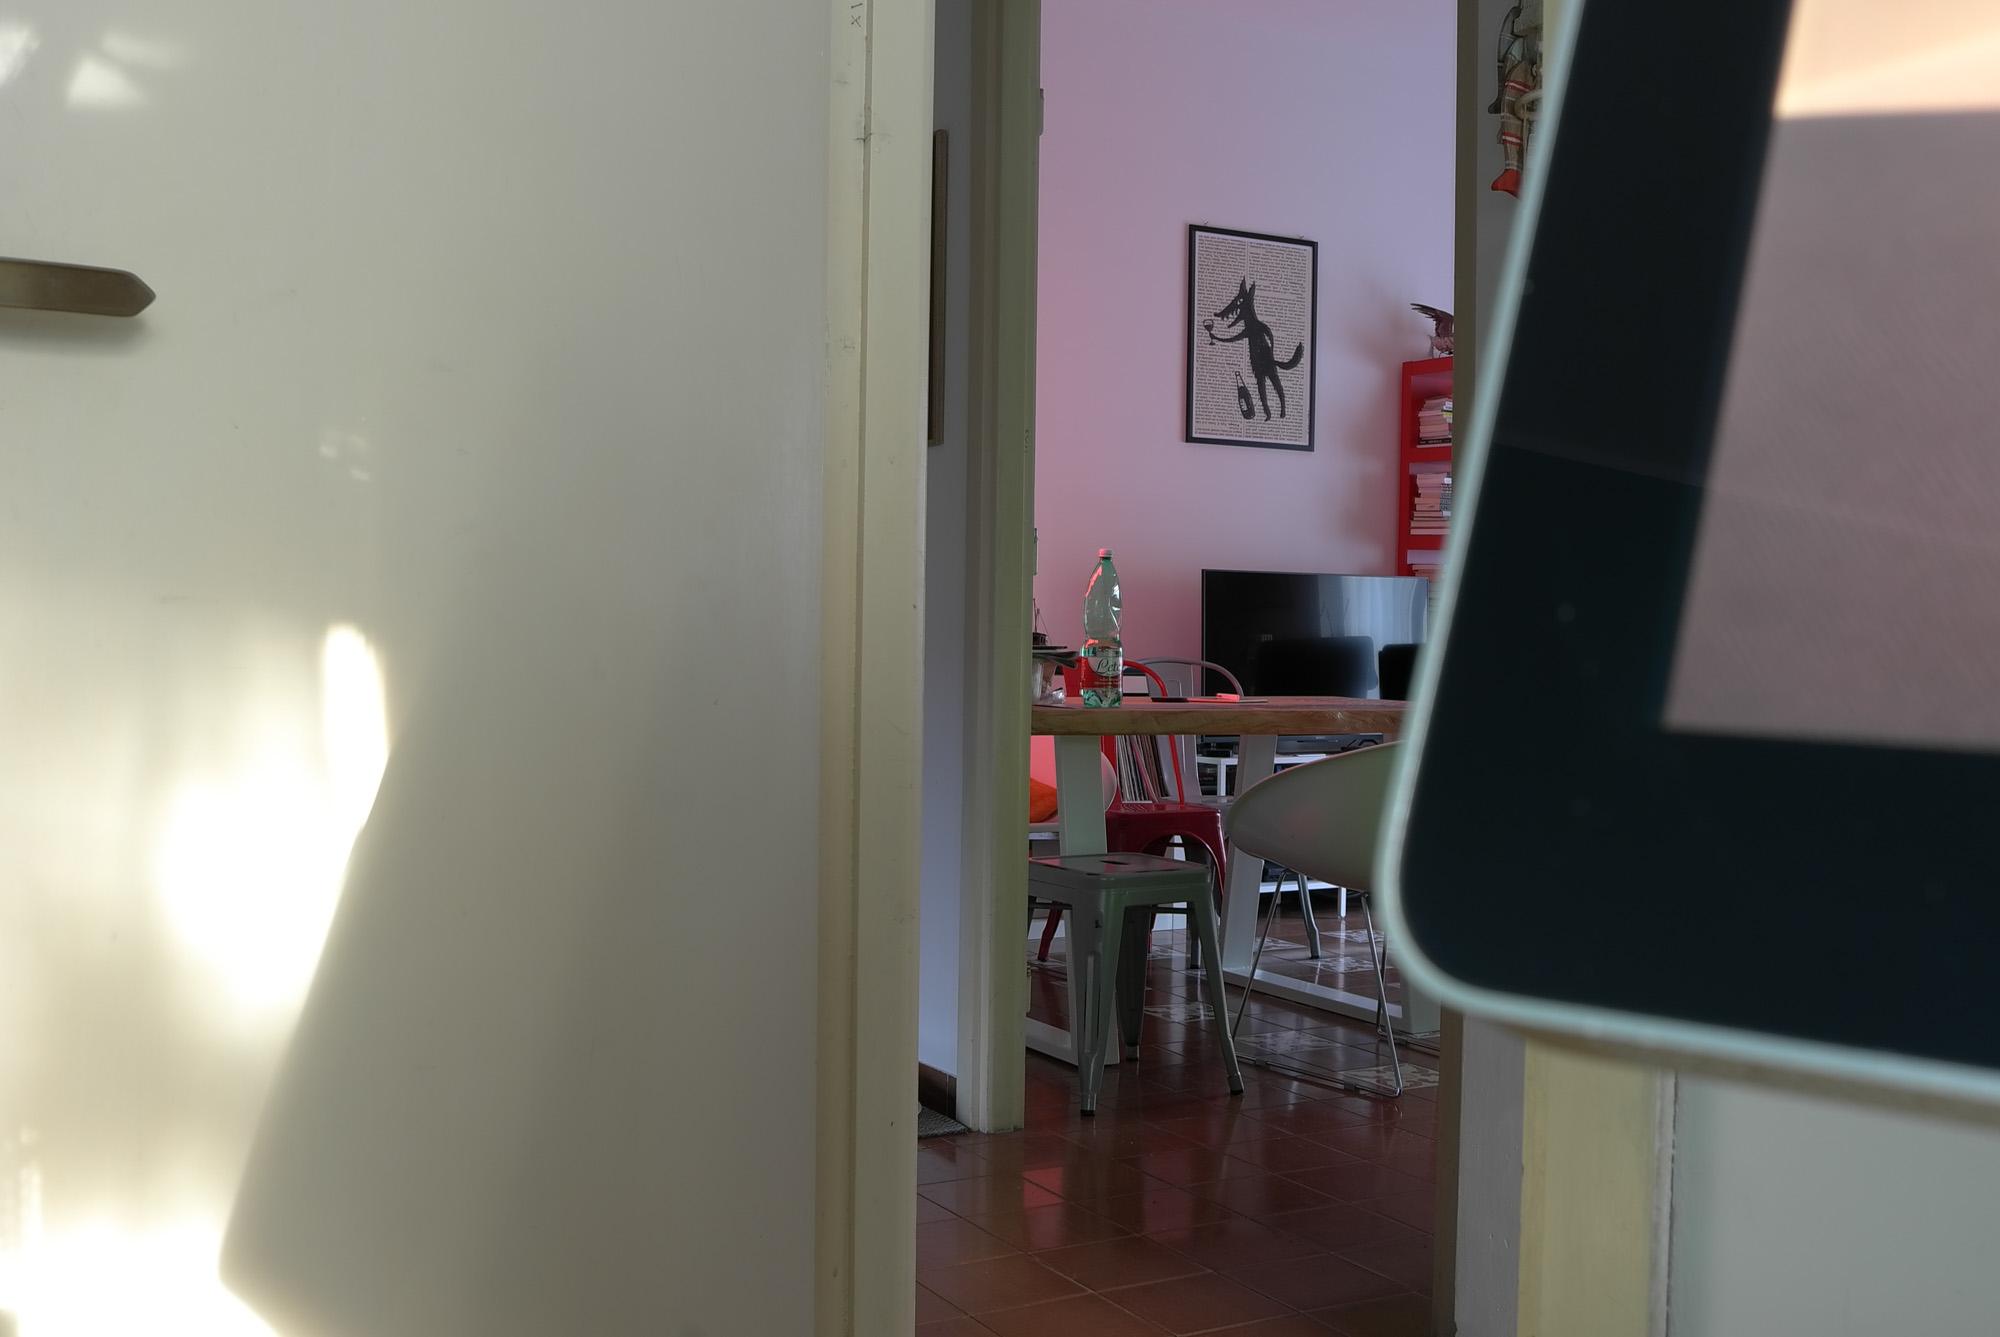 Leica jpg – da M8 a Q passando per X1